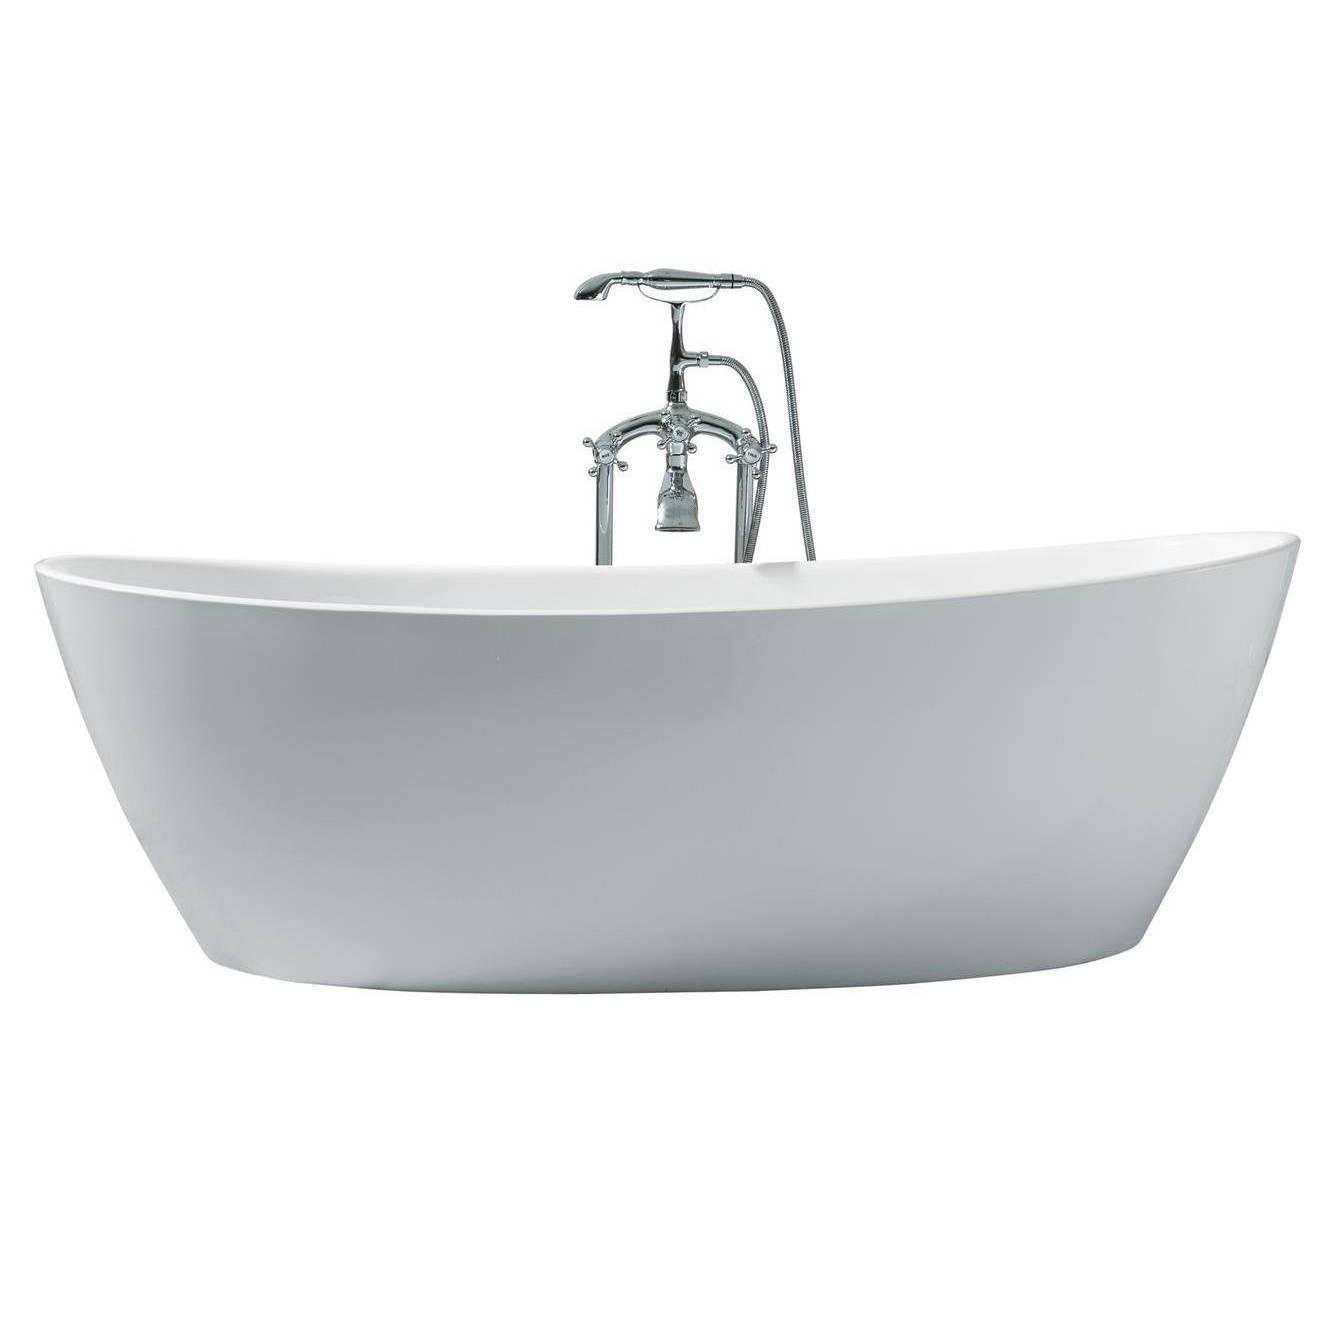 Shop Ariel Platinum Valencia White Acrylic 70-inch Oval Bathtub ...